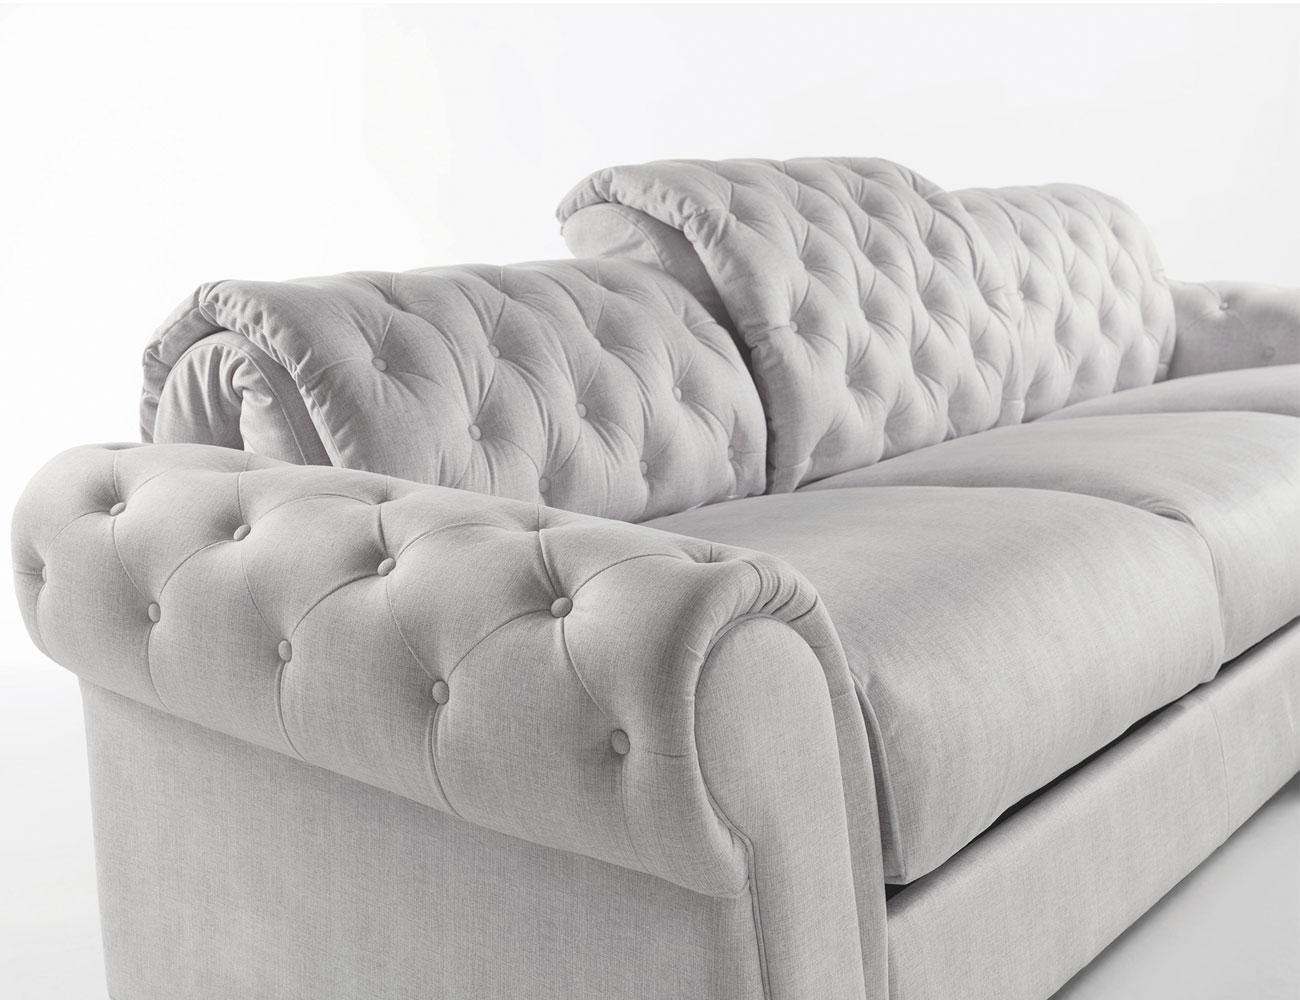 Sofa chaiselongue gran lujo decorativo capitone blanco tela 155